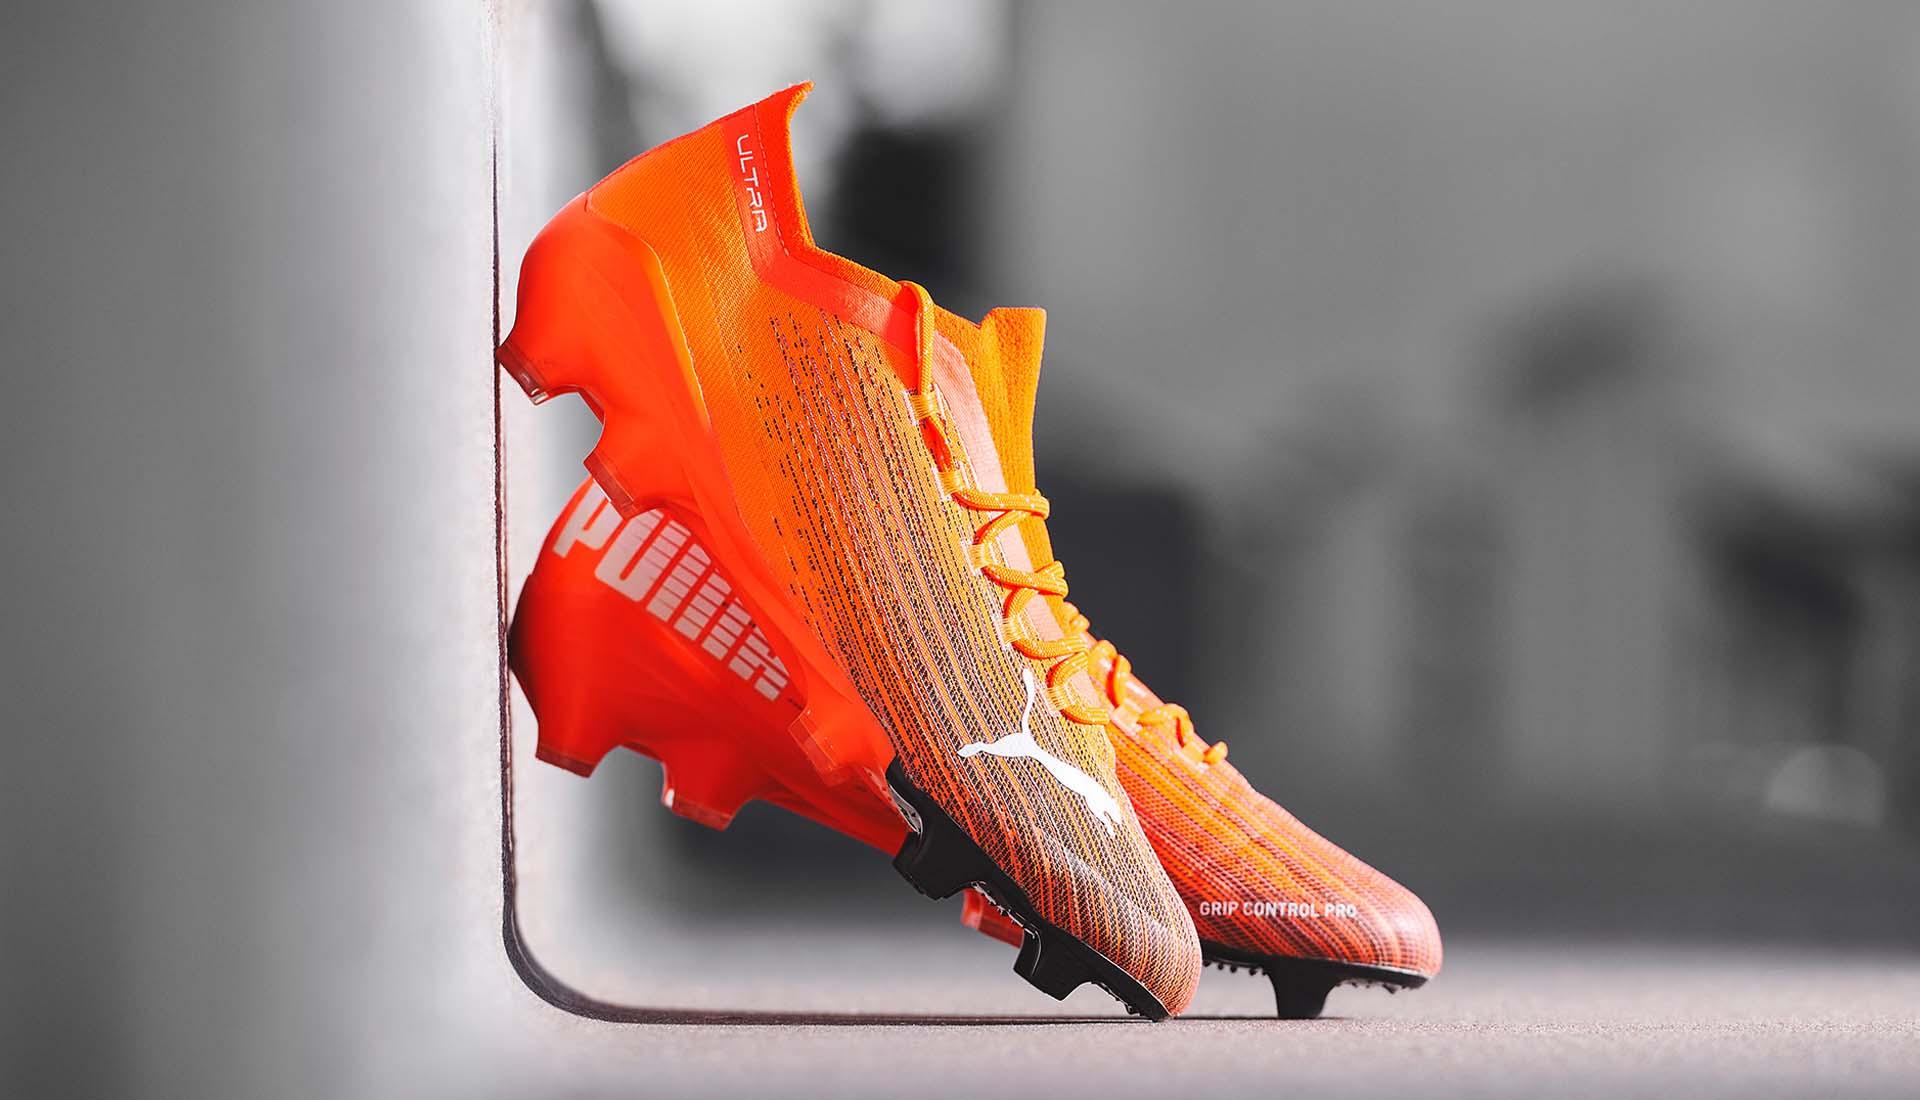 Puma ra mắt giày đá banh Puma Ultra 1.1 với trọng lượng siêu nhẹ (chỉ 160g)